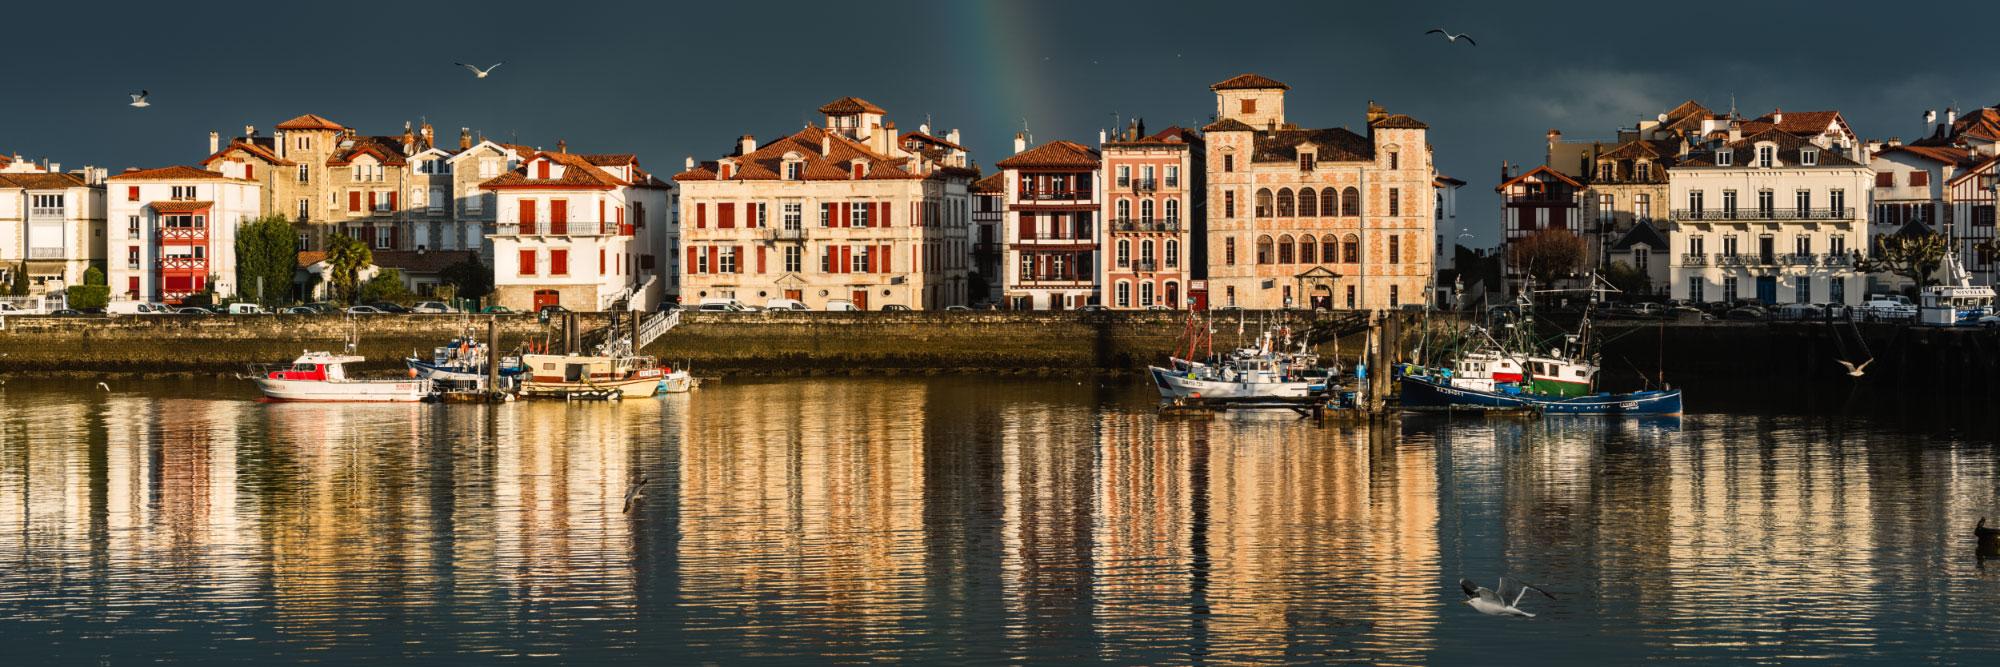 La Nivelle, Saint-Jean-de-Luz, côte basque